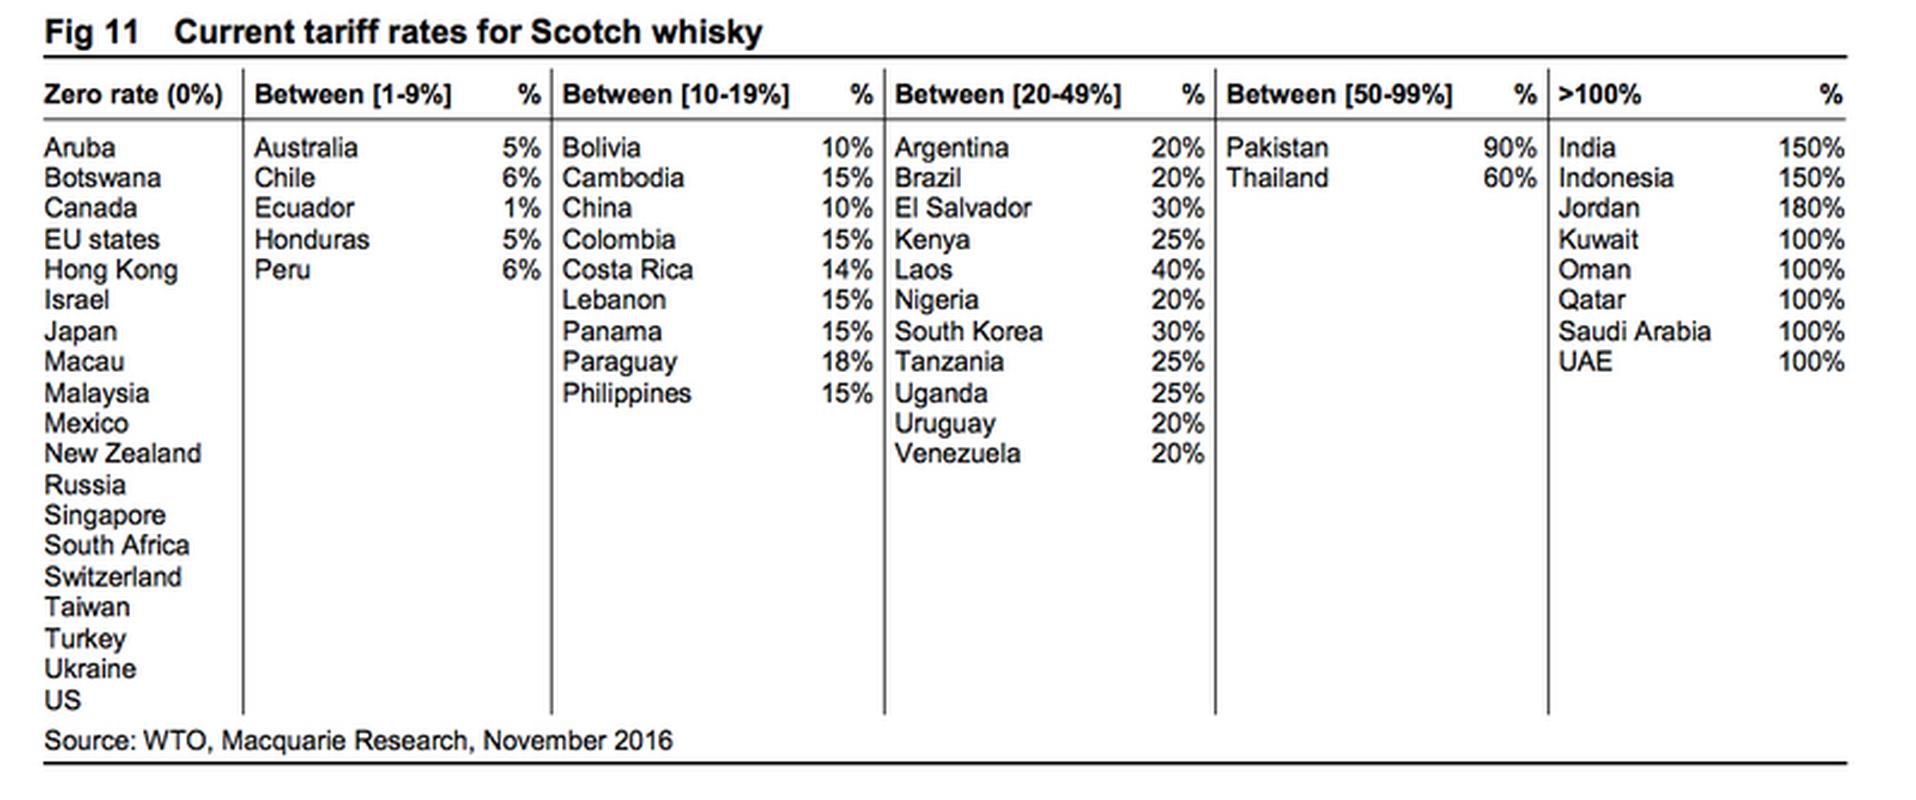 Obowiązujące taryfy celne na szkocką whisky